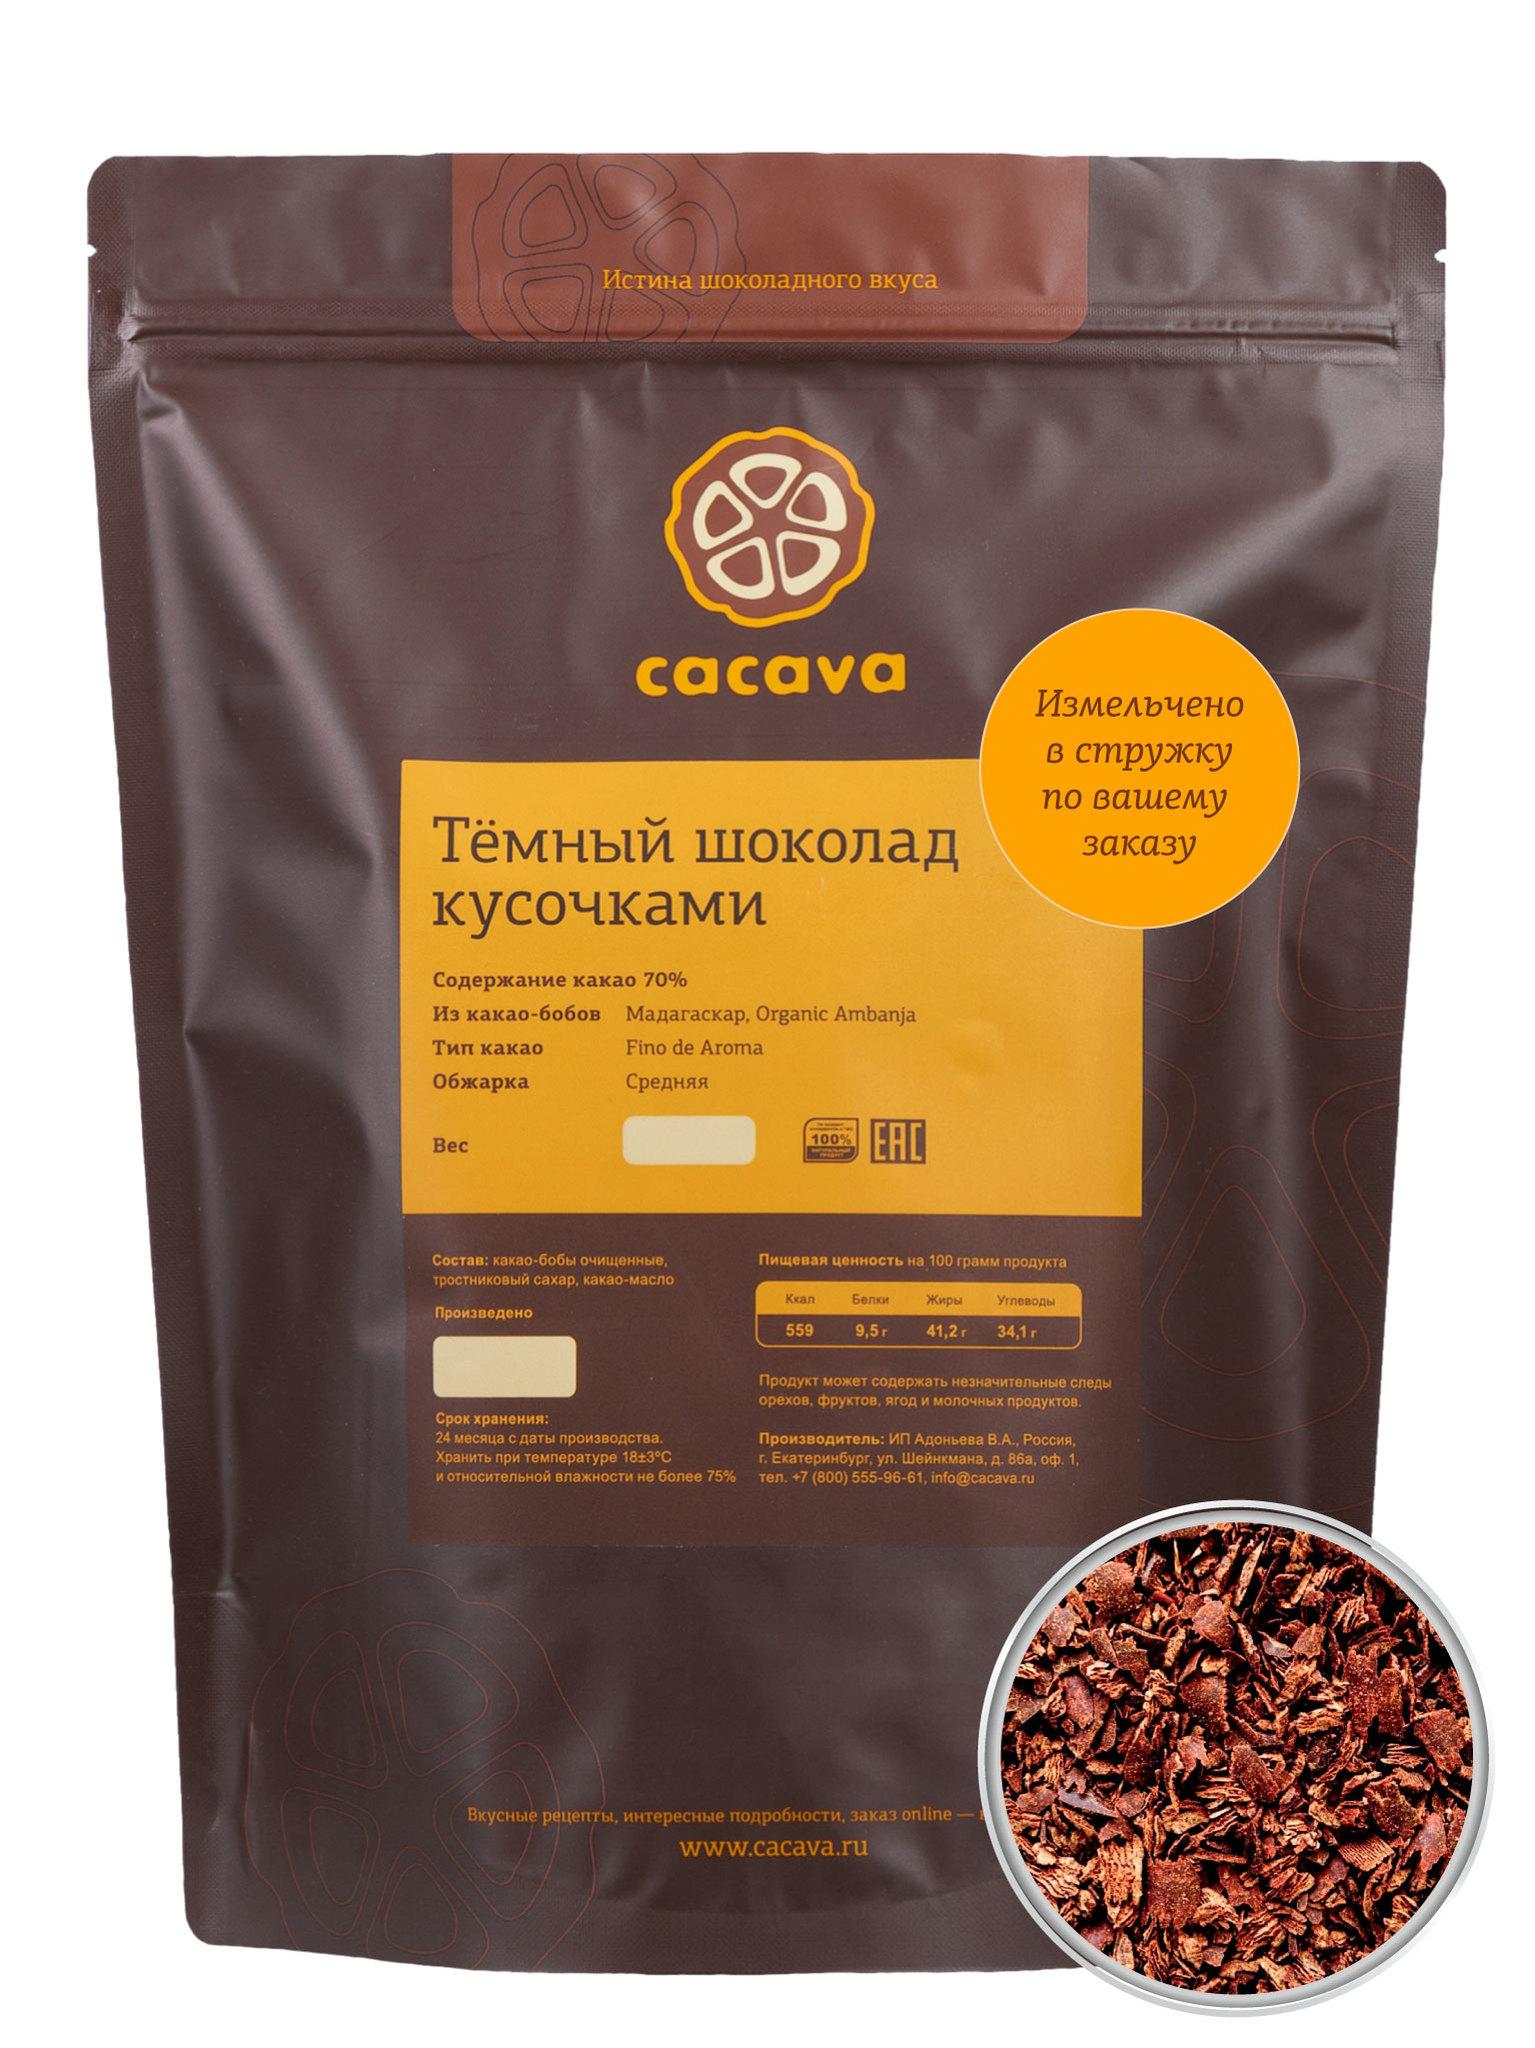 Тёмный шоколад 70 % какао в стружке (Мадагаскар, Organic Ambanja), упаковка 1 кг